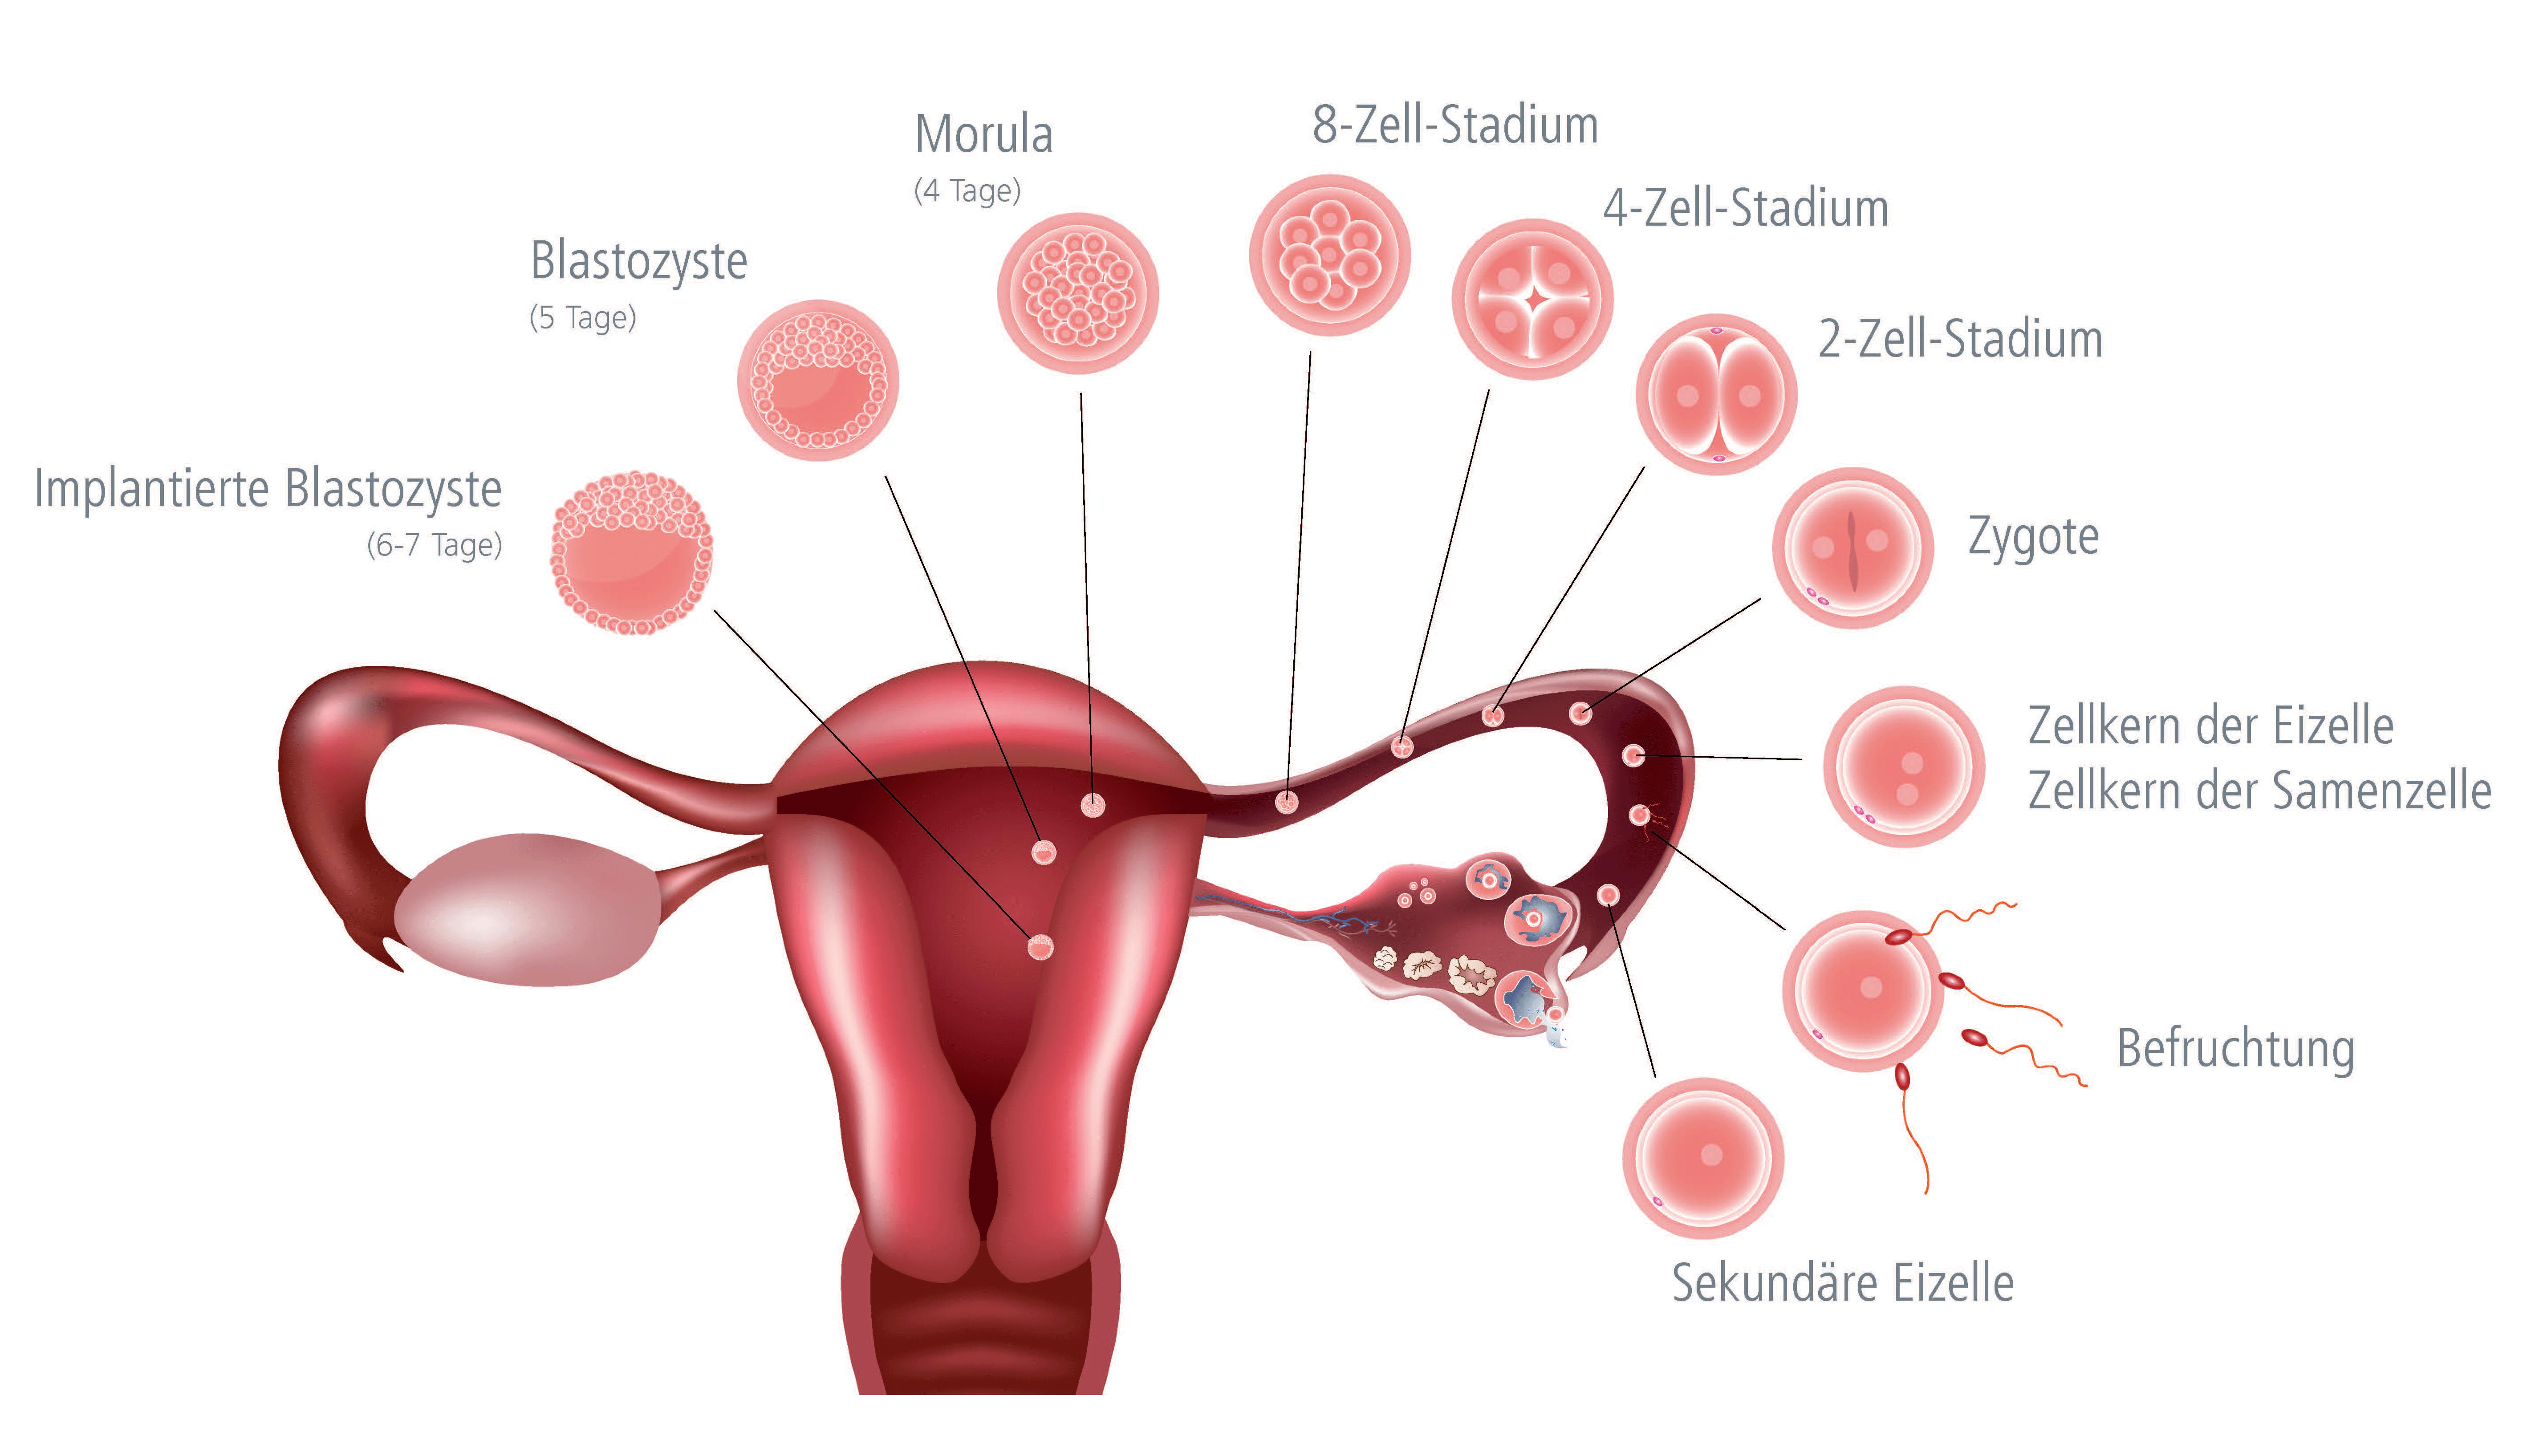 Schematische Darstellung der Eizell- und Enbryonalentwicklung im Zyklus einer Frau │ © 2019 Shutterstock/IVF Zentren Prof. Zech • Member of NEXTCLINICS